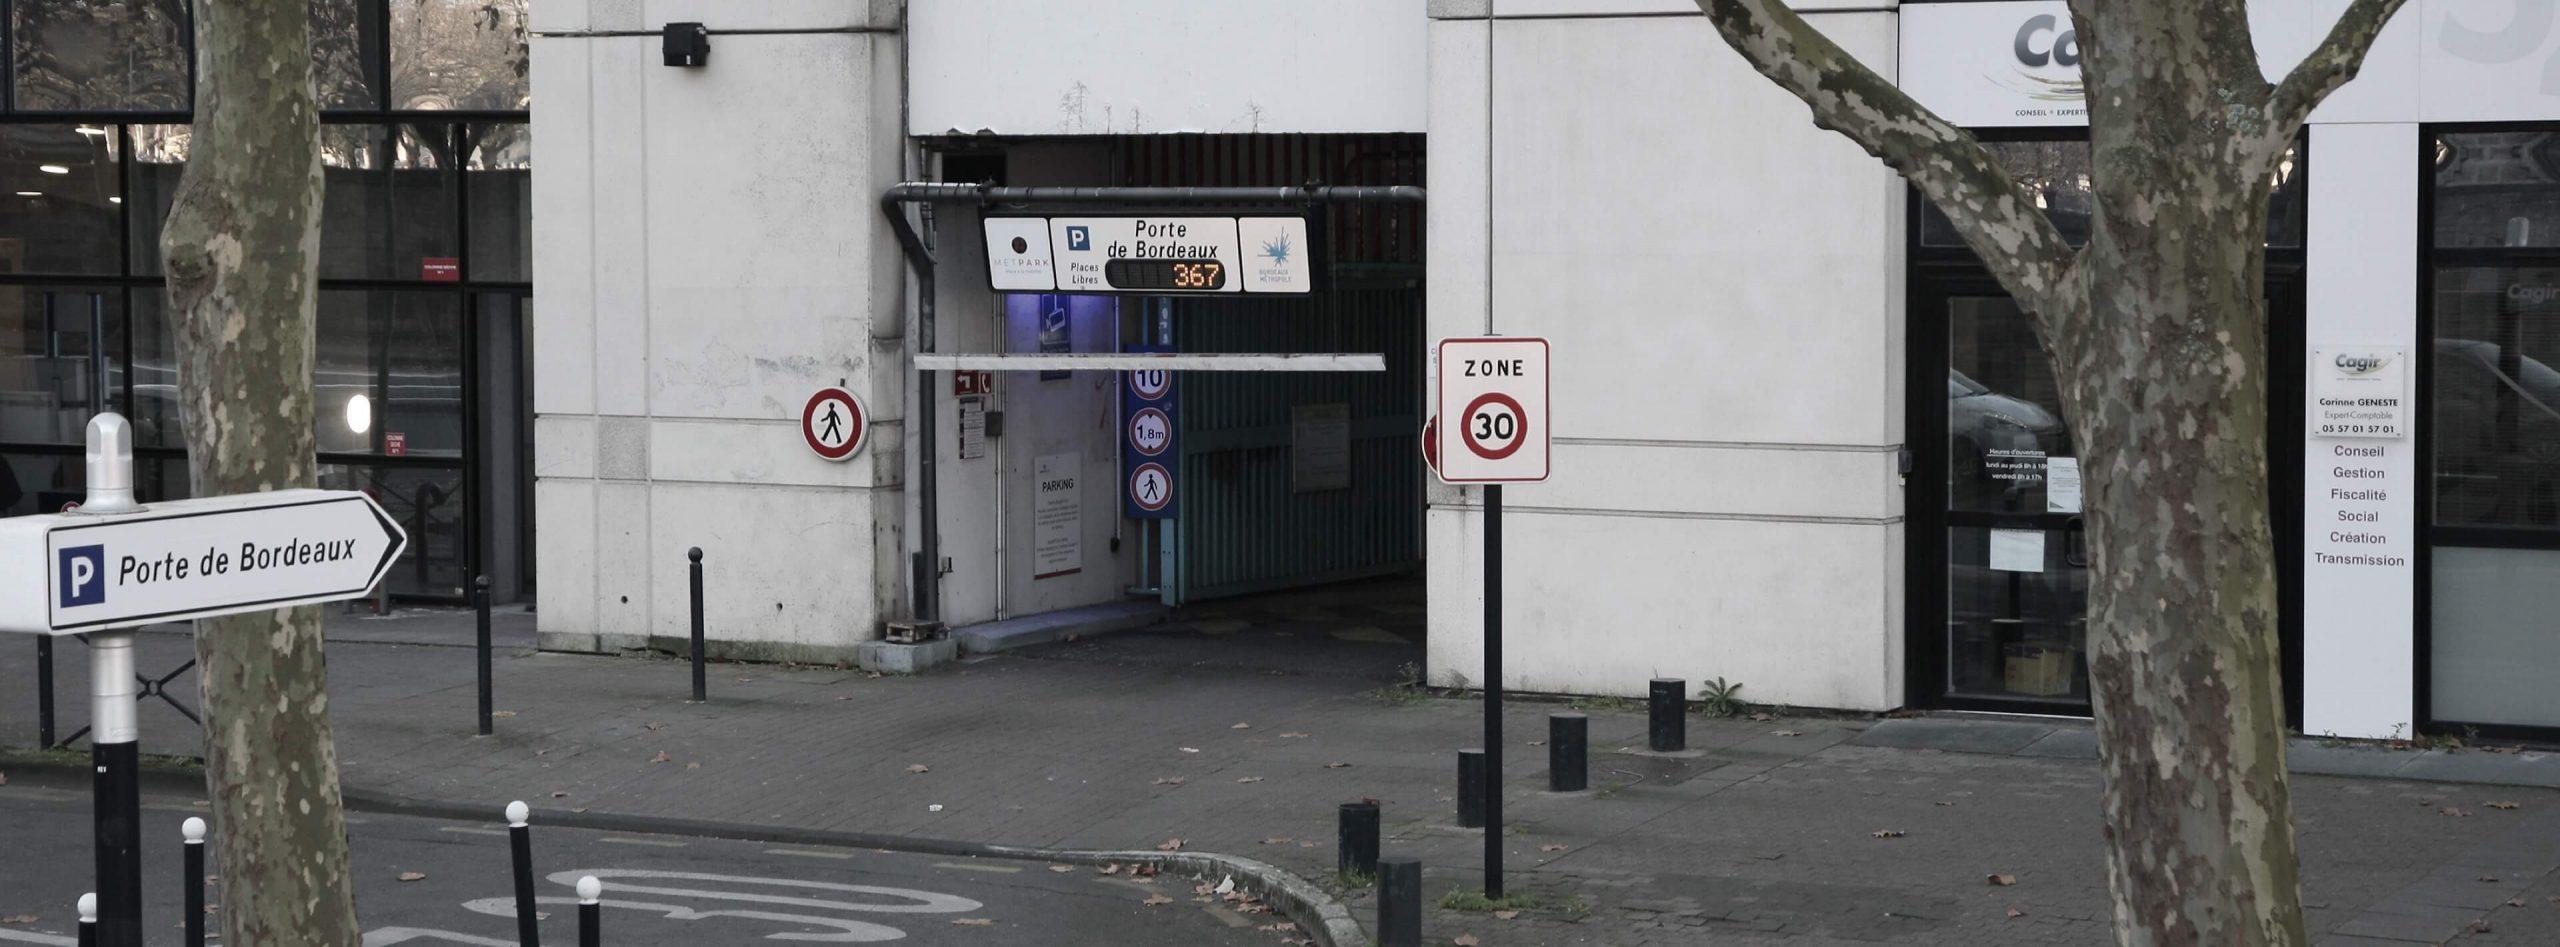 Parking METPARK Porte de Bordeaux, garez-vous au parking barrièred'Ornano sur les boulevards proche du stade Chaban Delmas de Bordeaux.